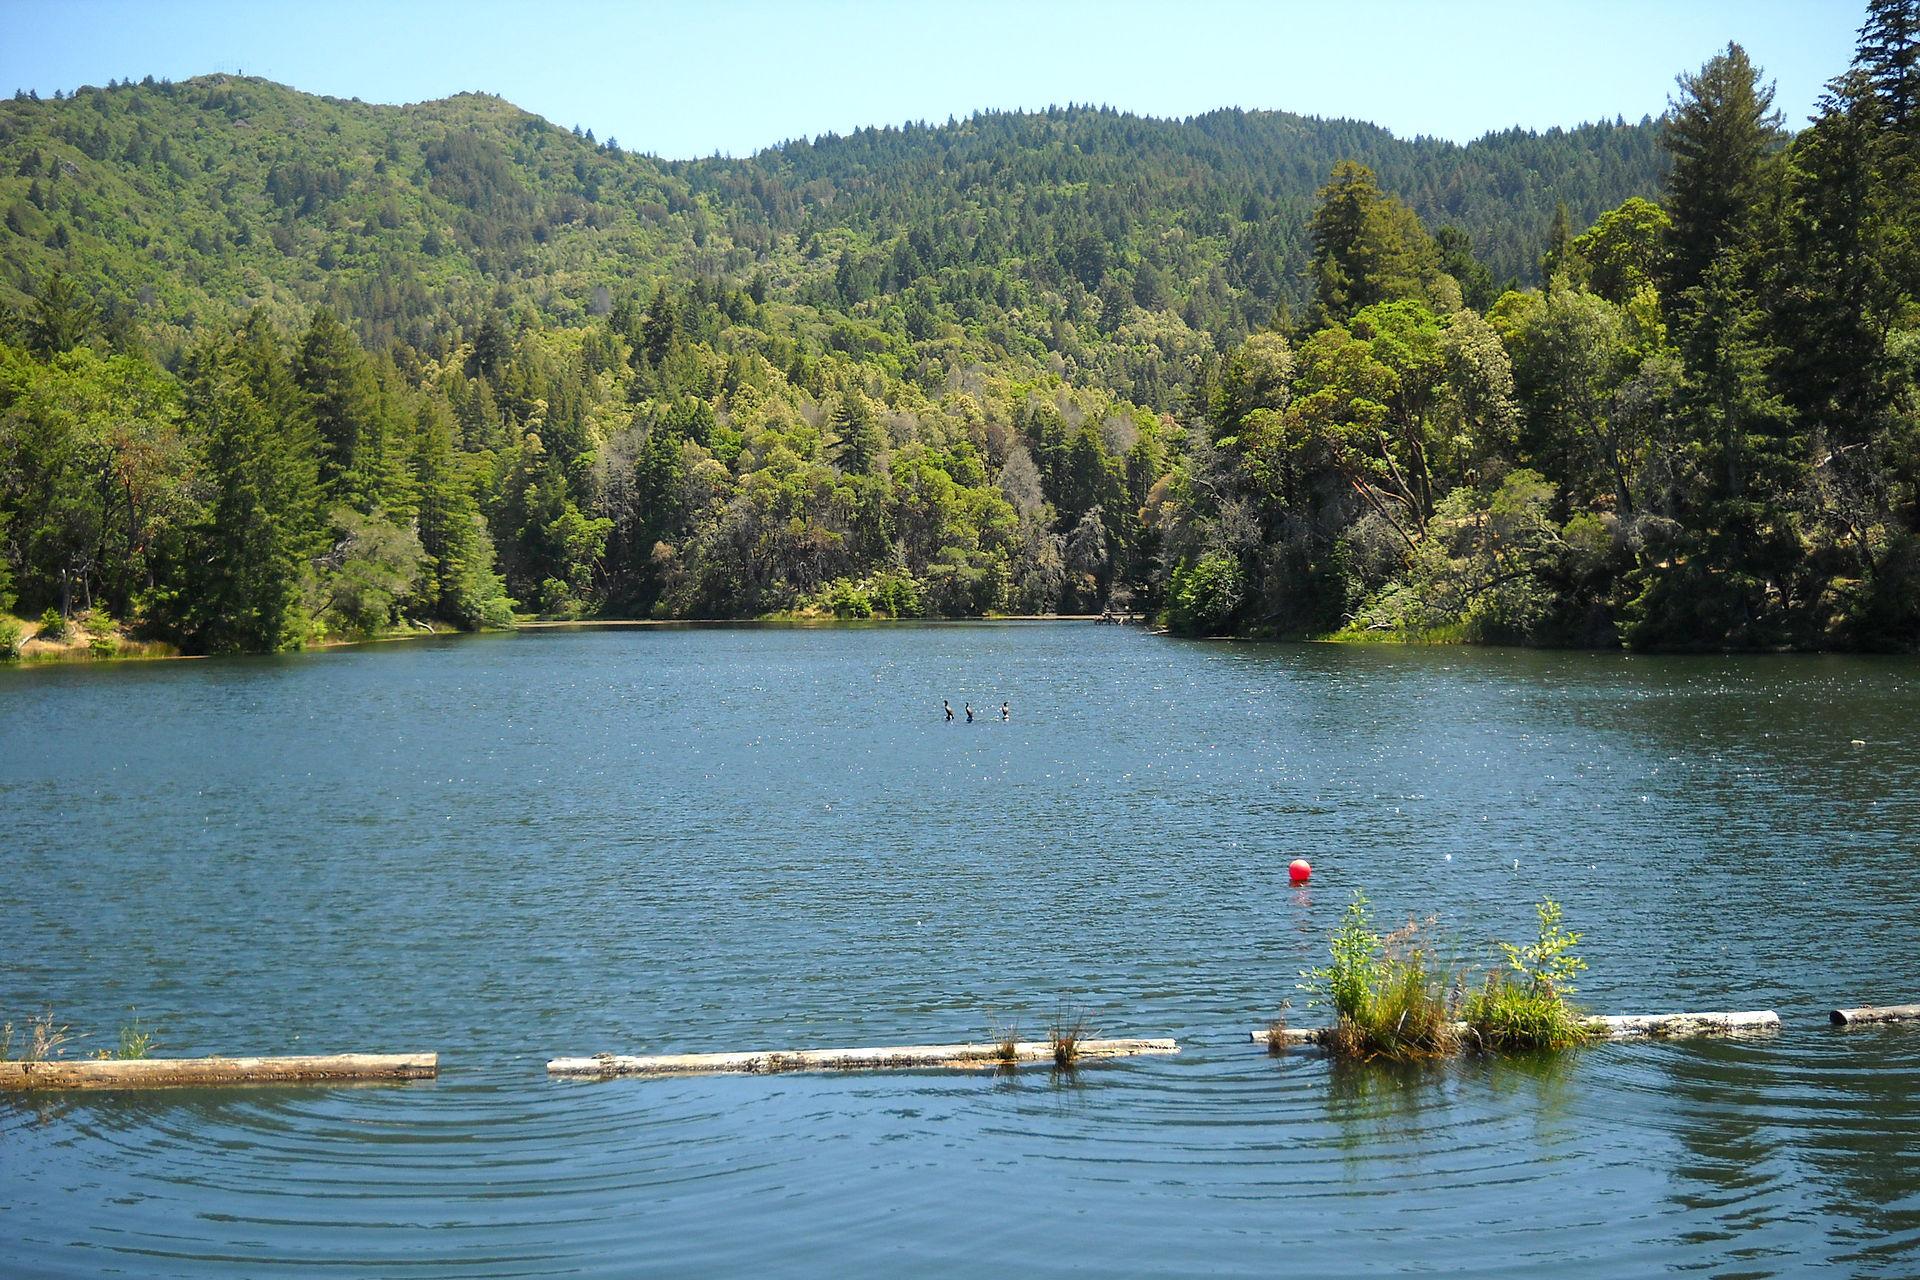 Lagunitas Lake - Marin County, CA